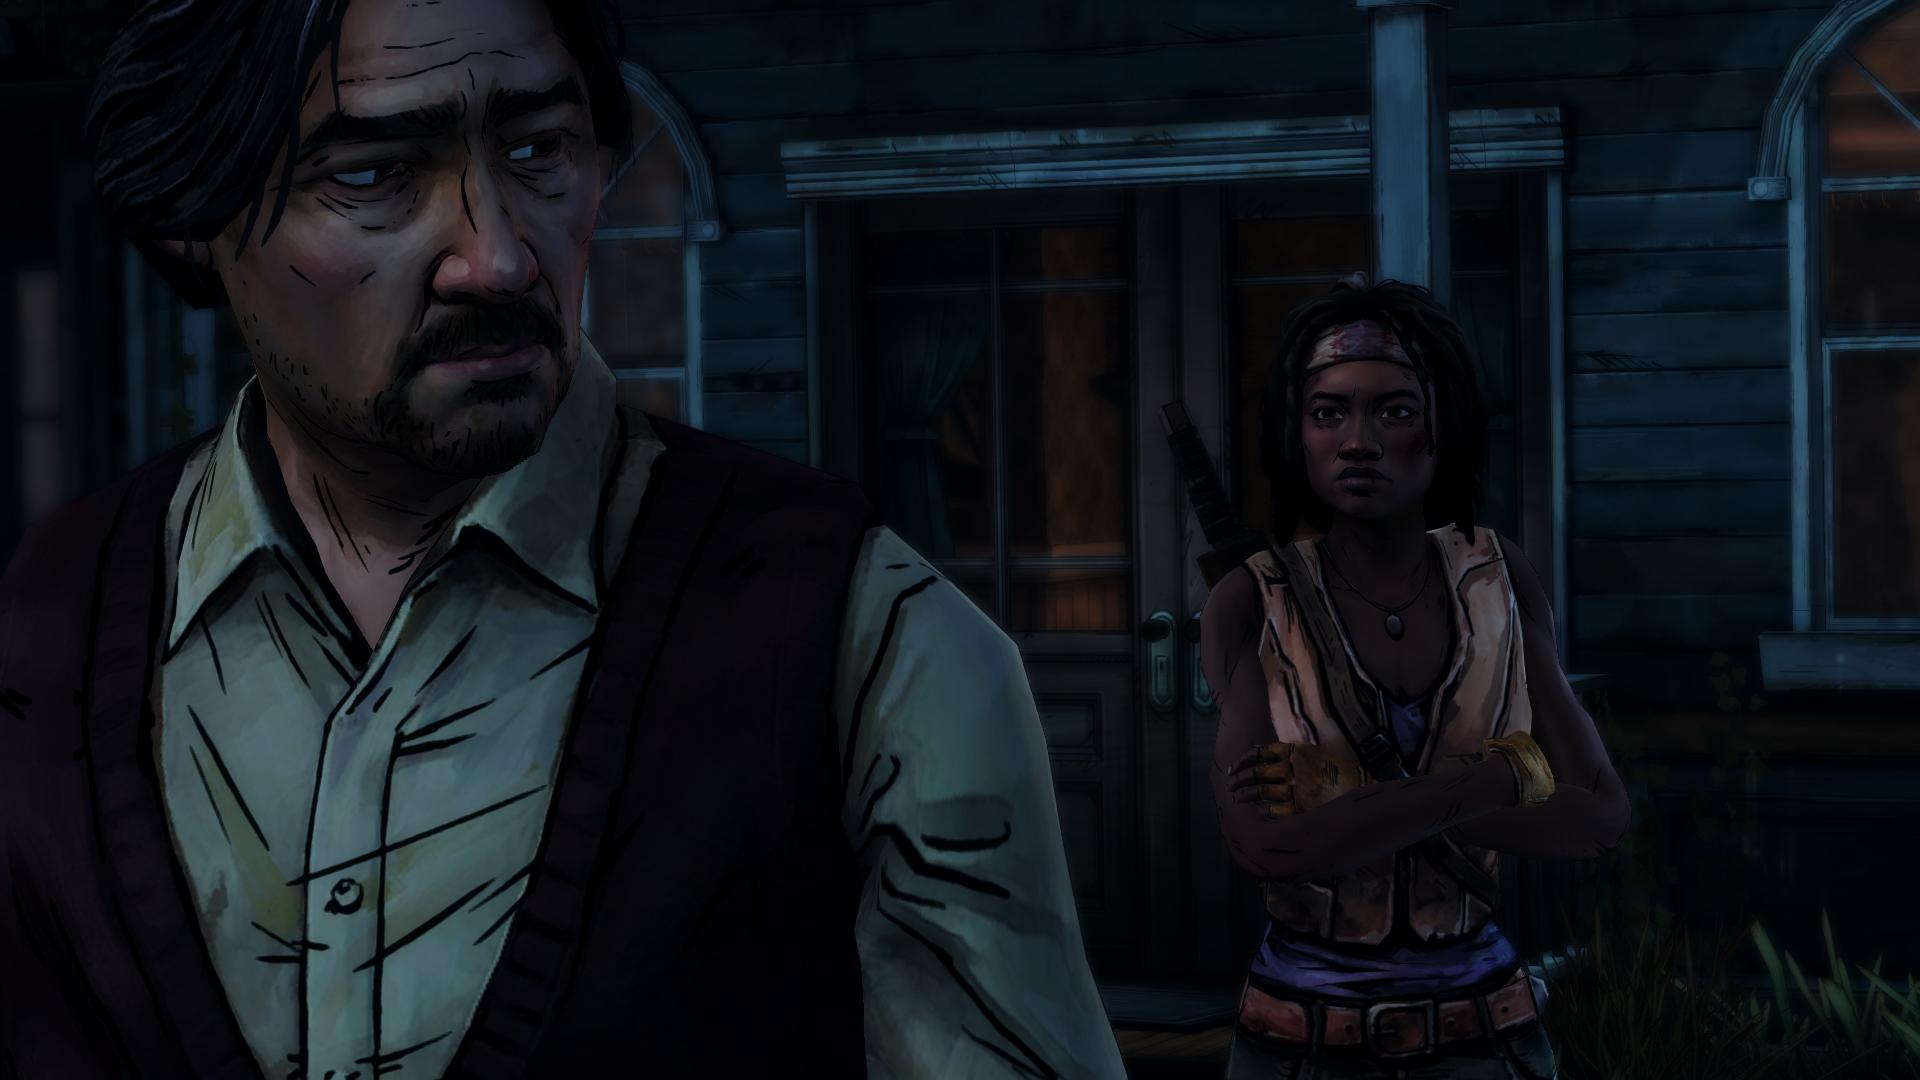 Мачете убивает – Обзор The Walking Dead Michonne. - Изображение 2